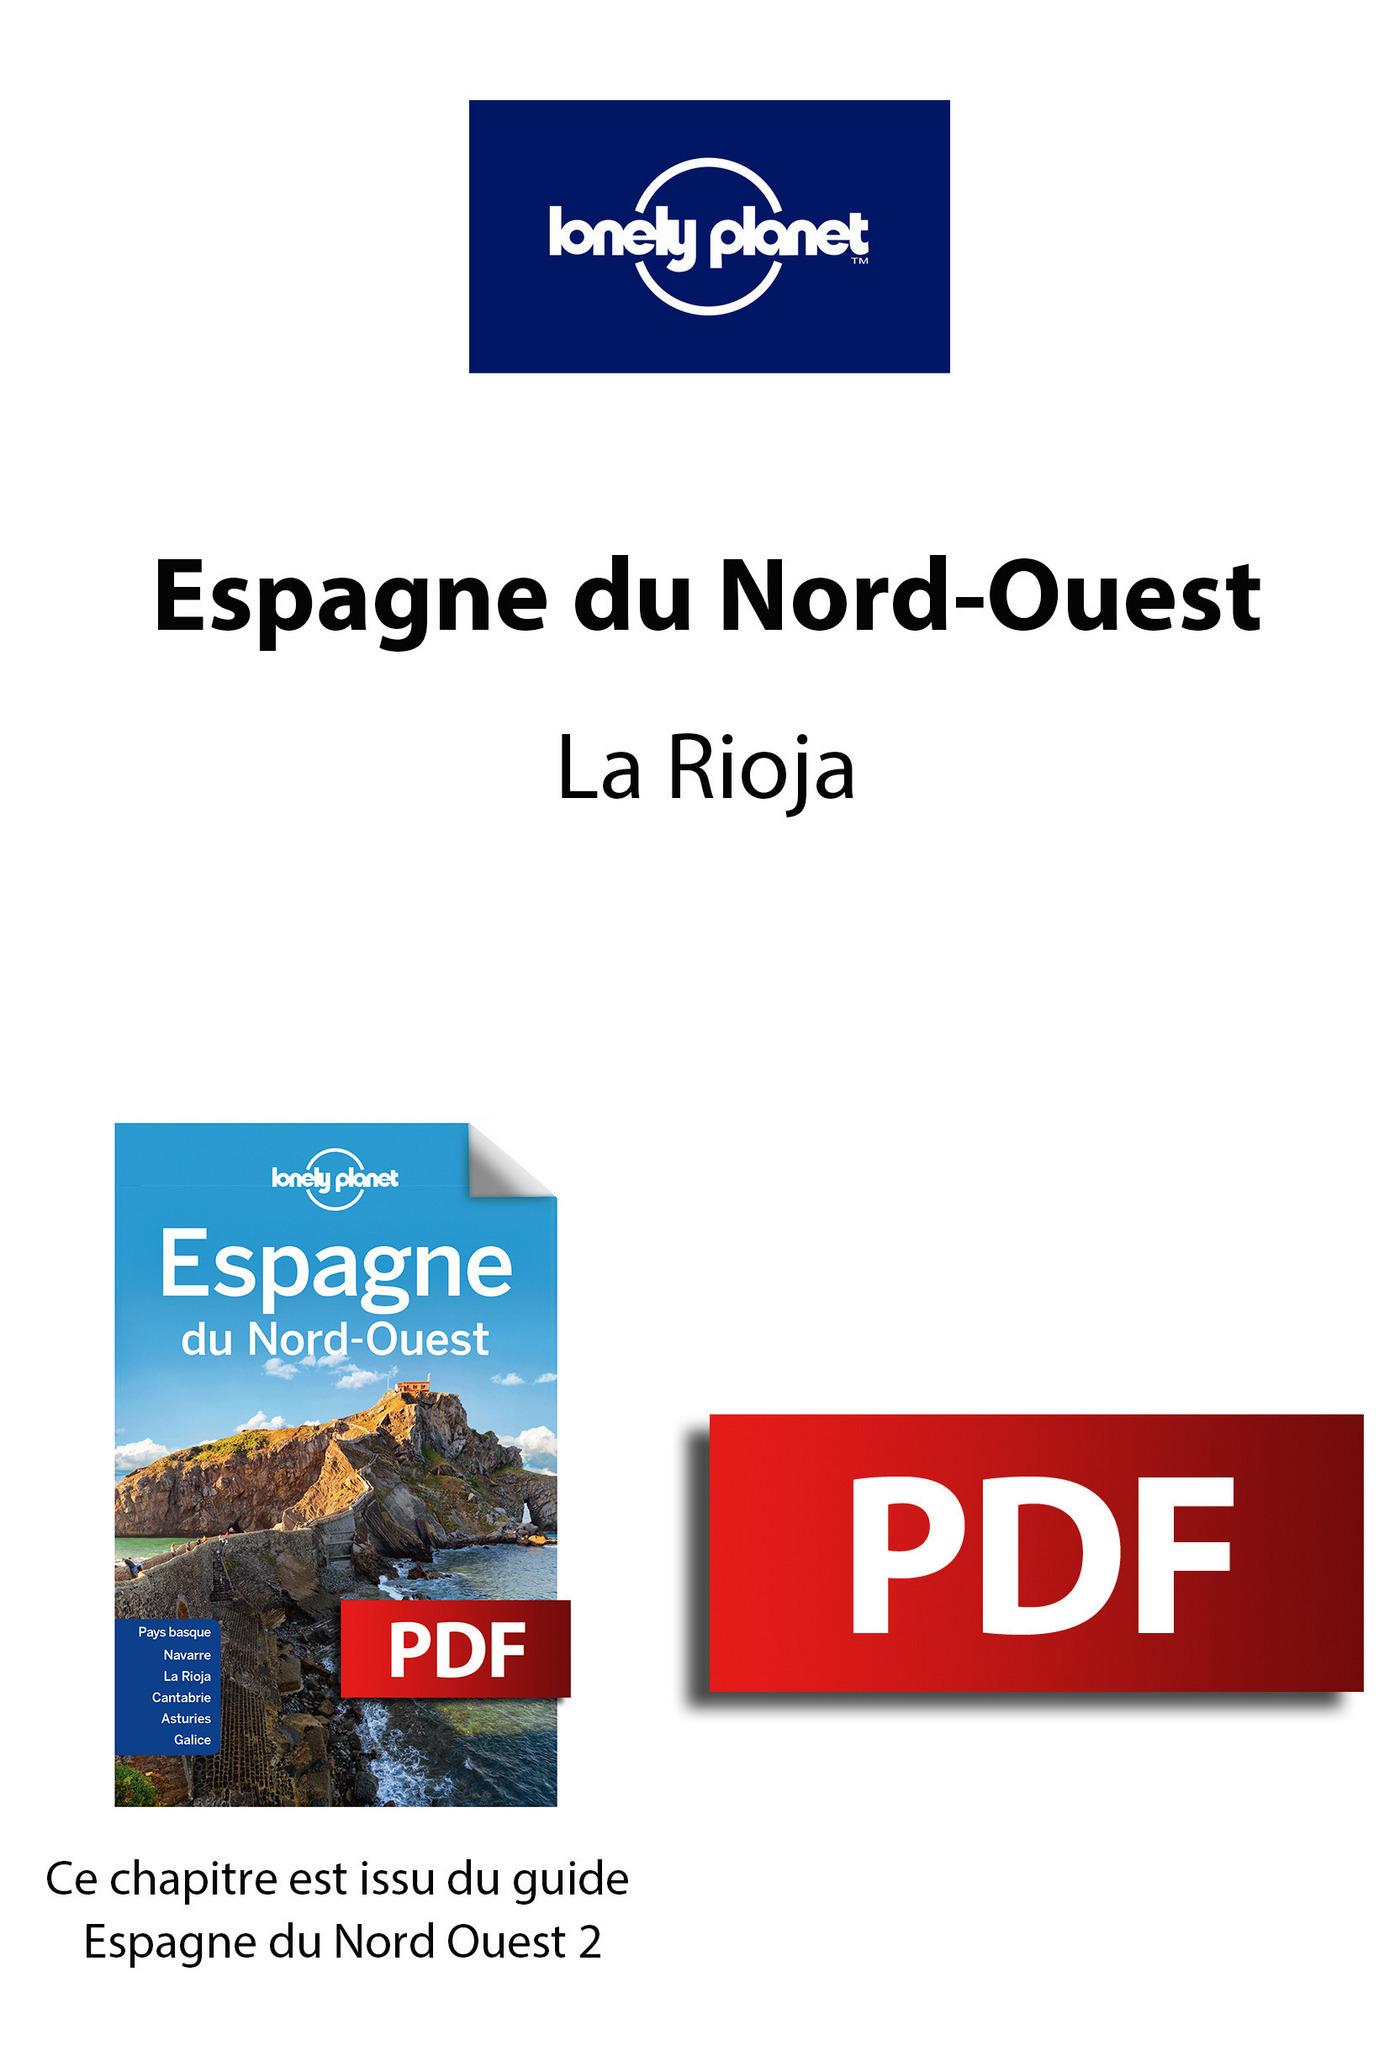 Espagne du Nord-Ouest - La Rioja